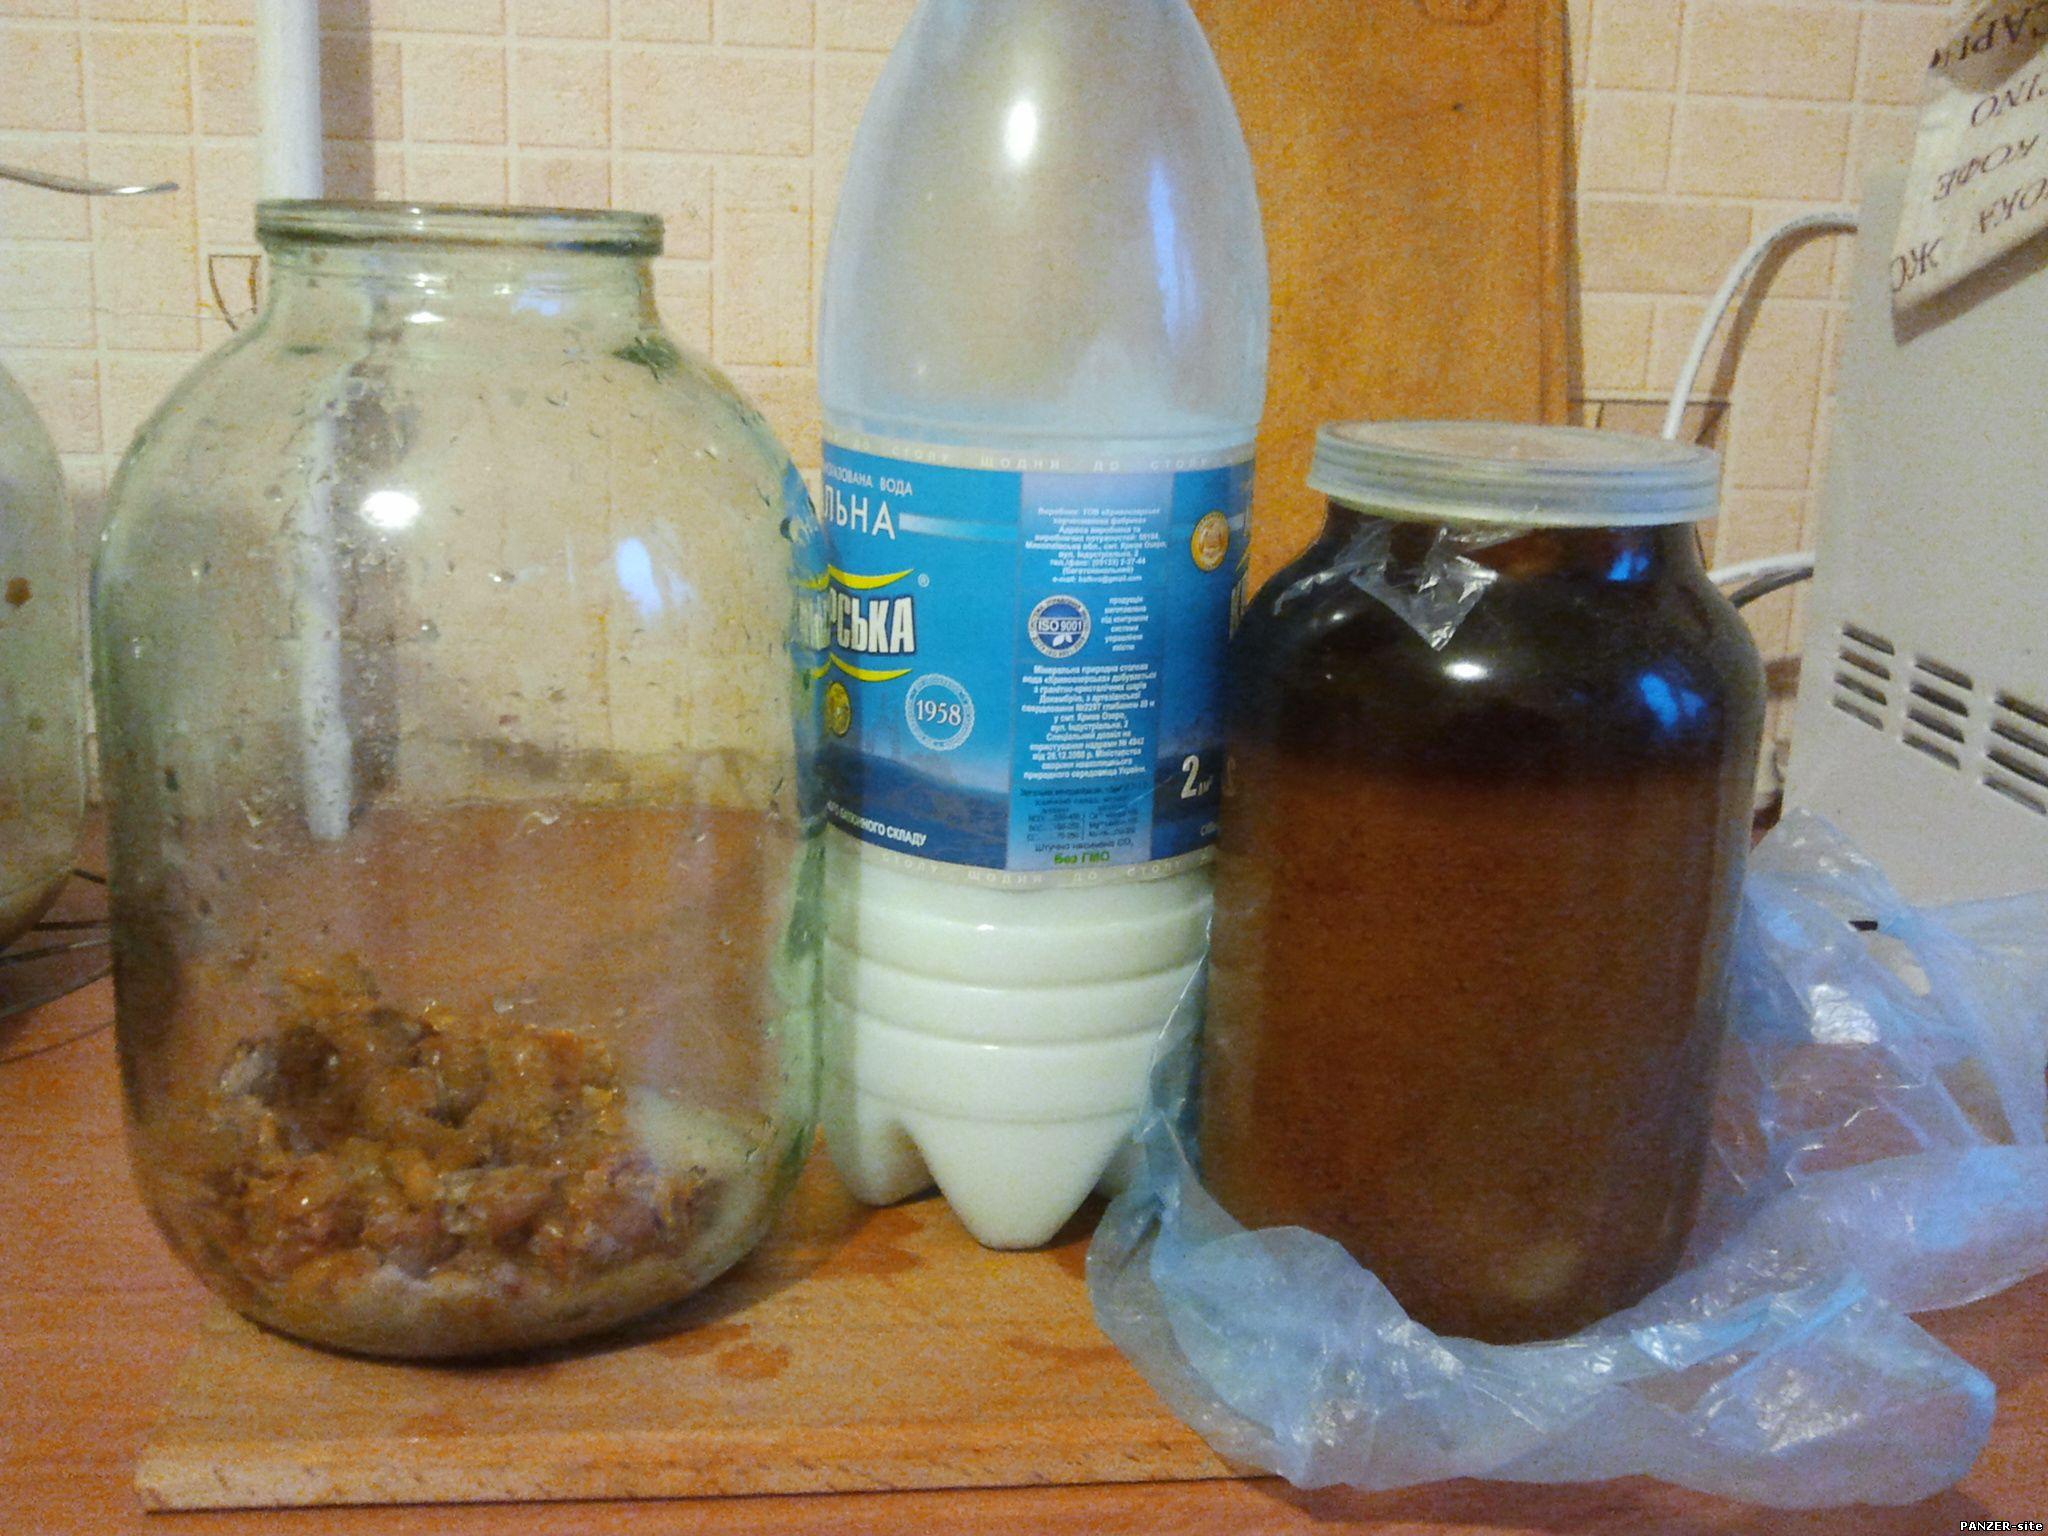 Как приготовить медовуху в домашних условиях - АиФ 62